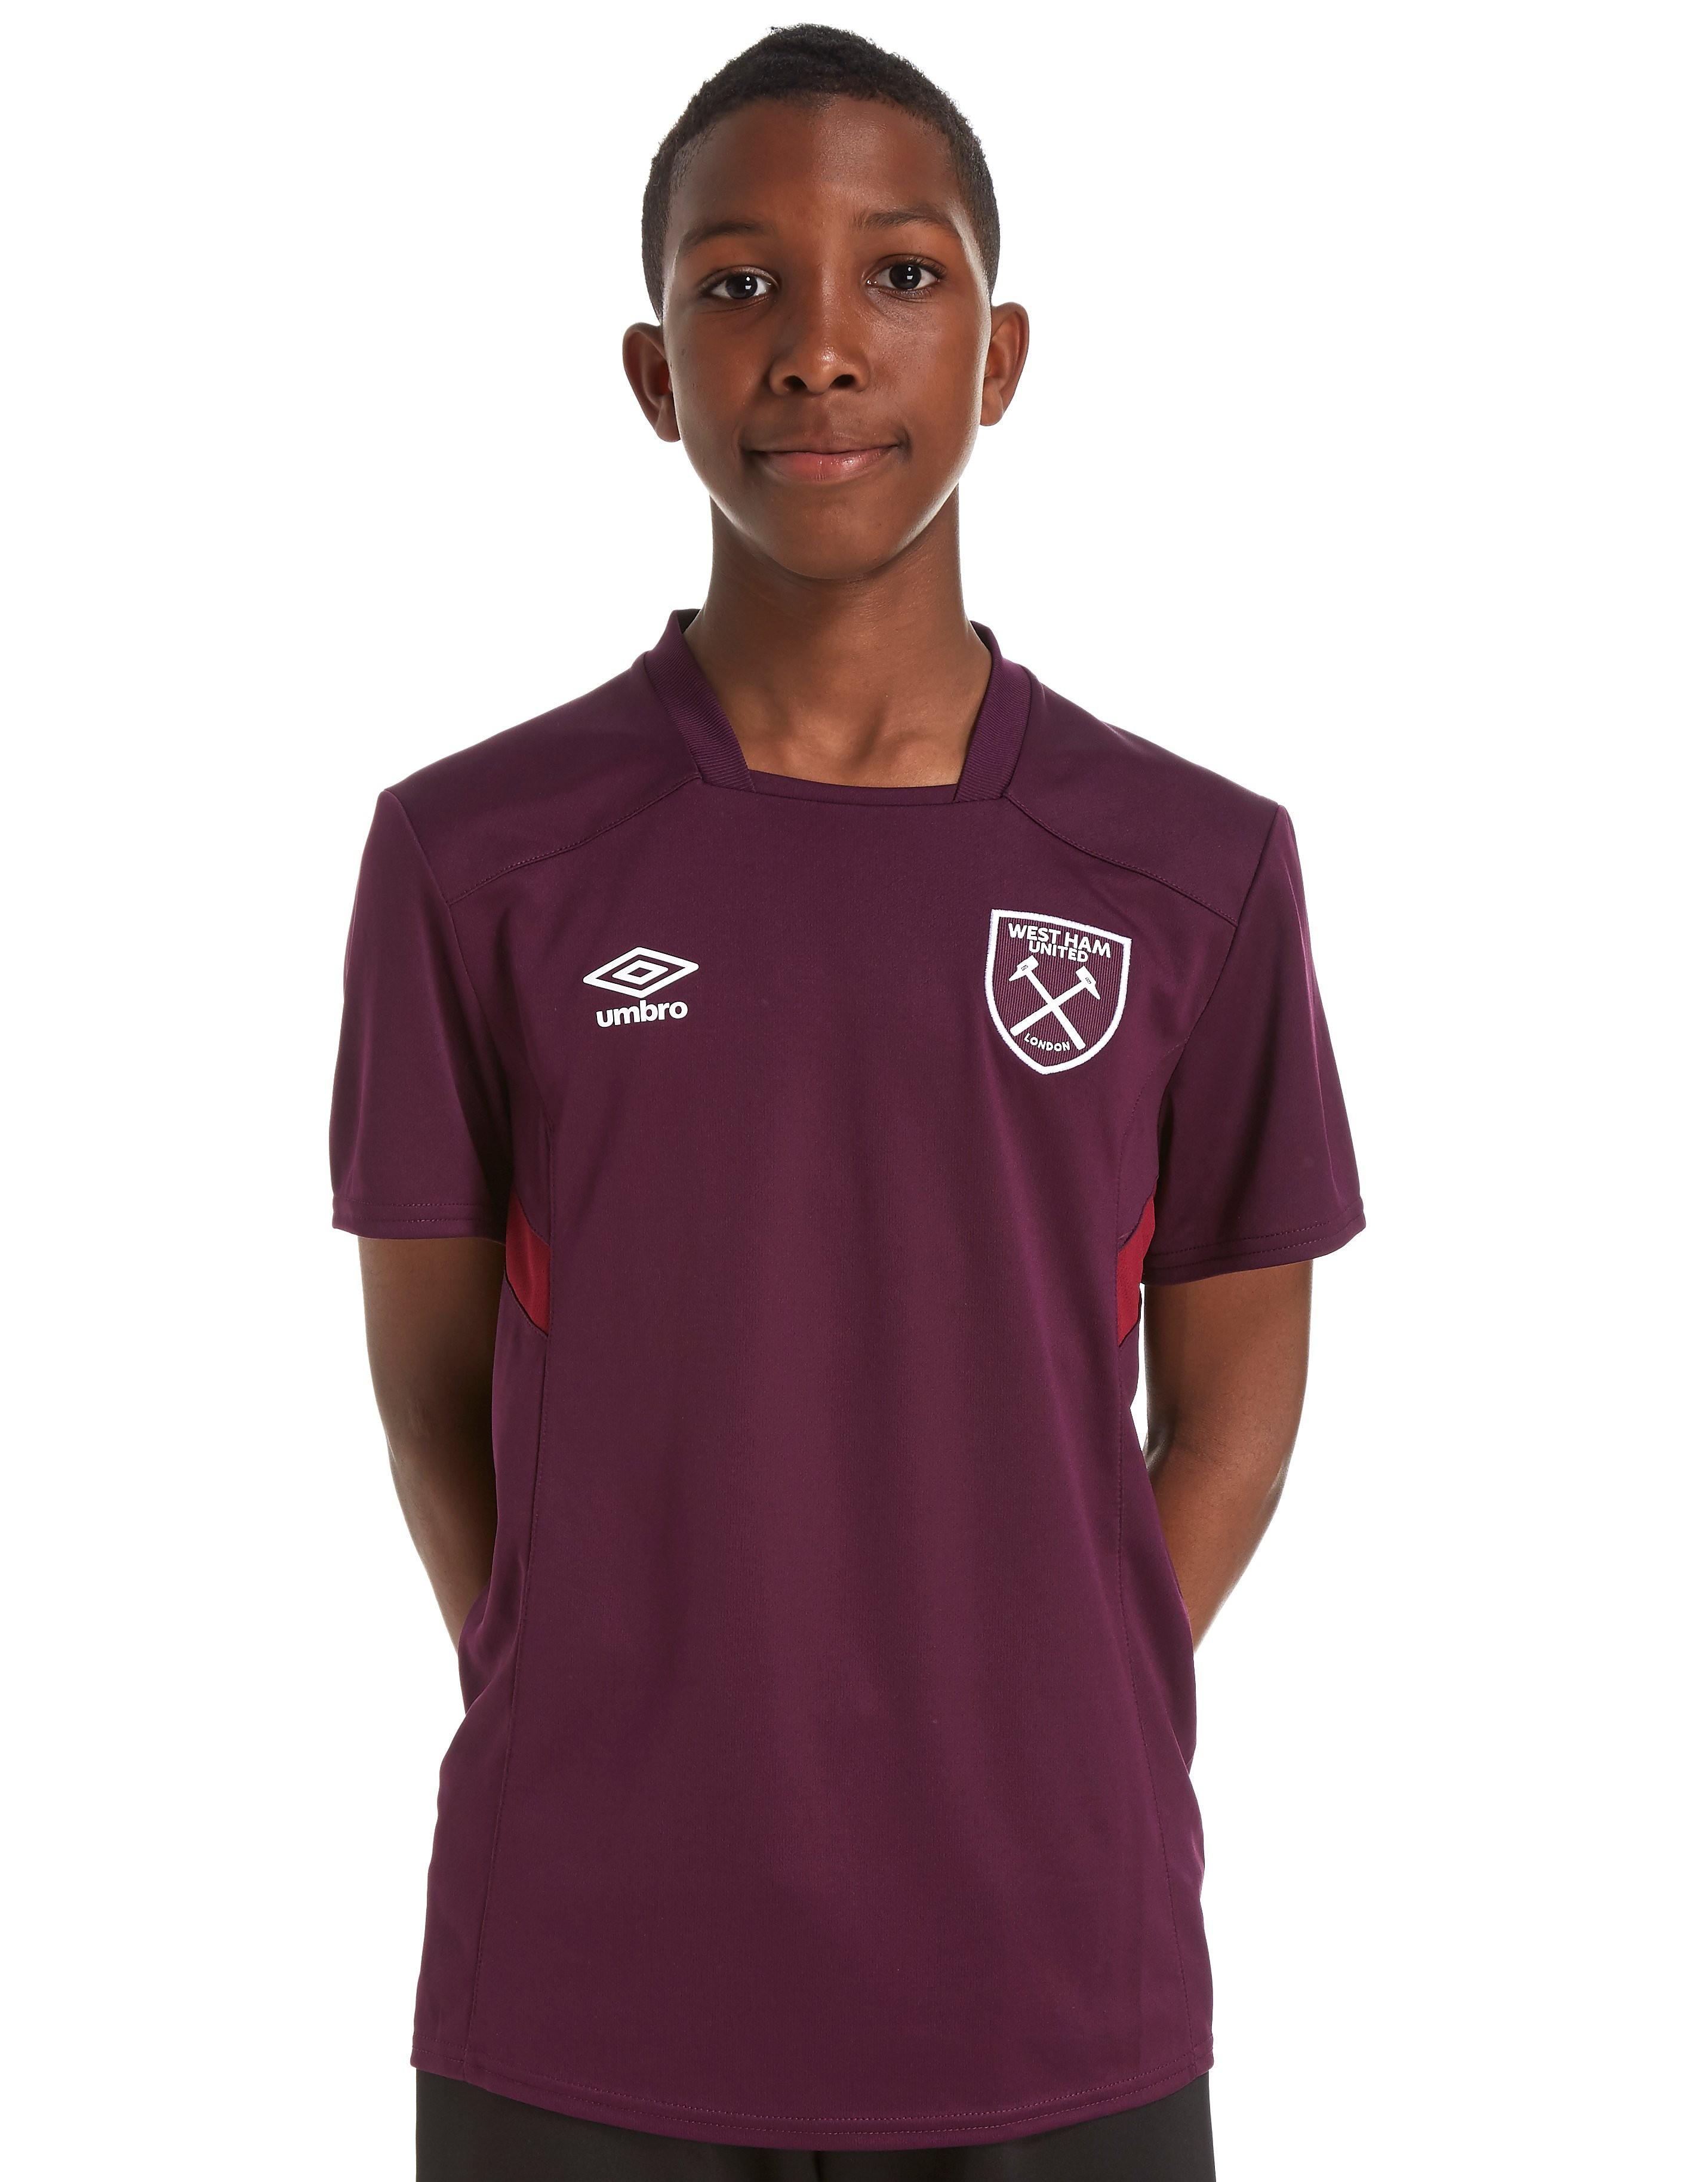 Umbro West Ham United Training Shirt Junior